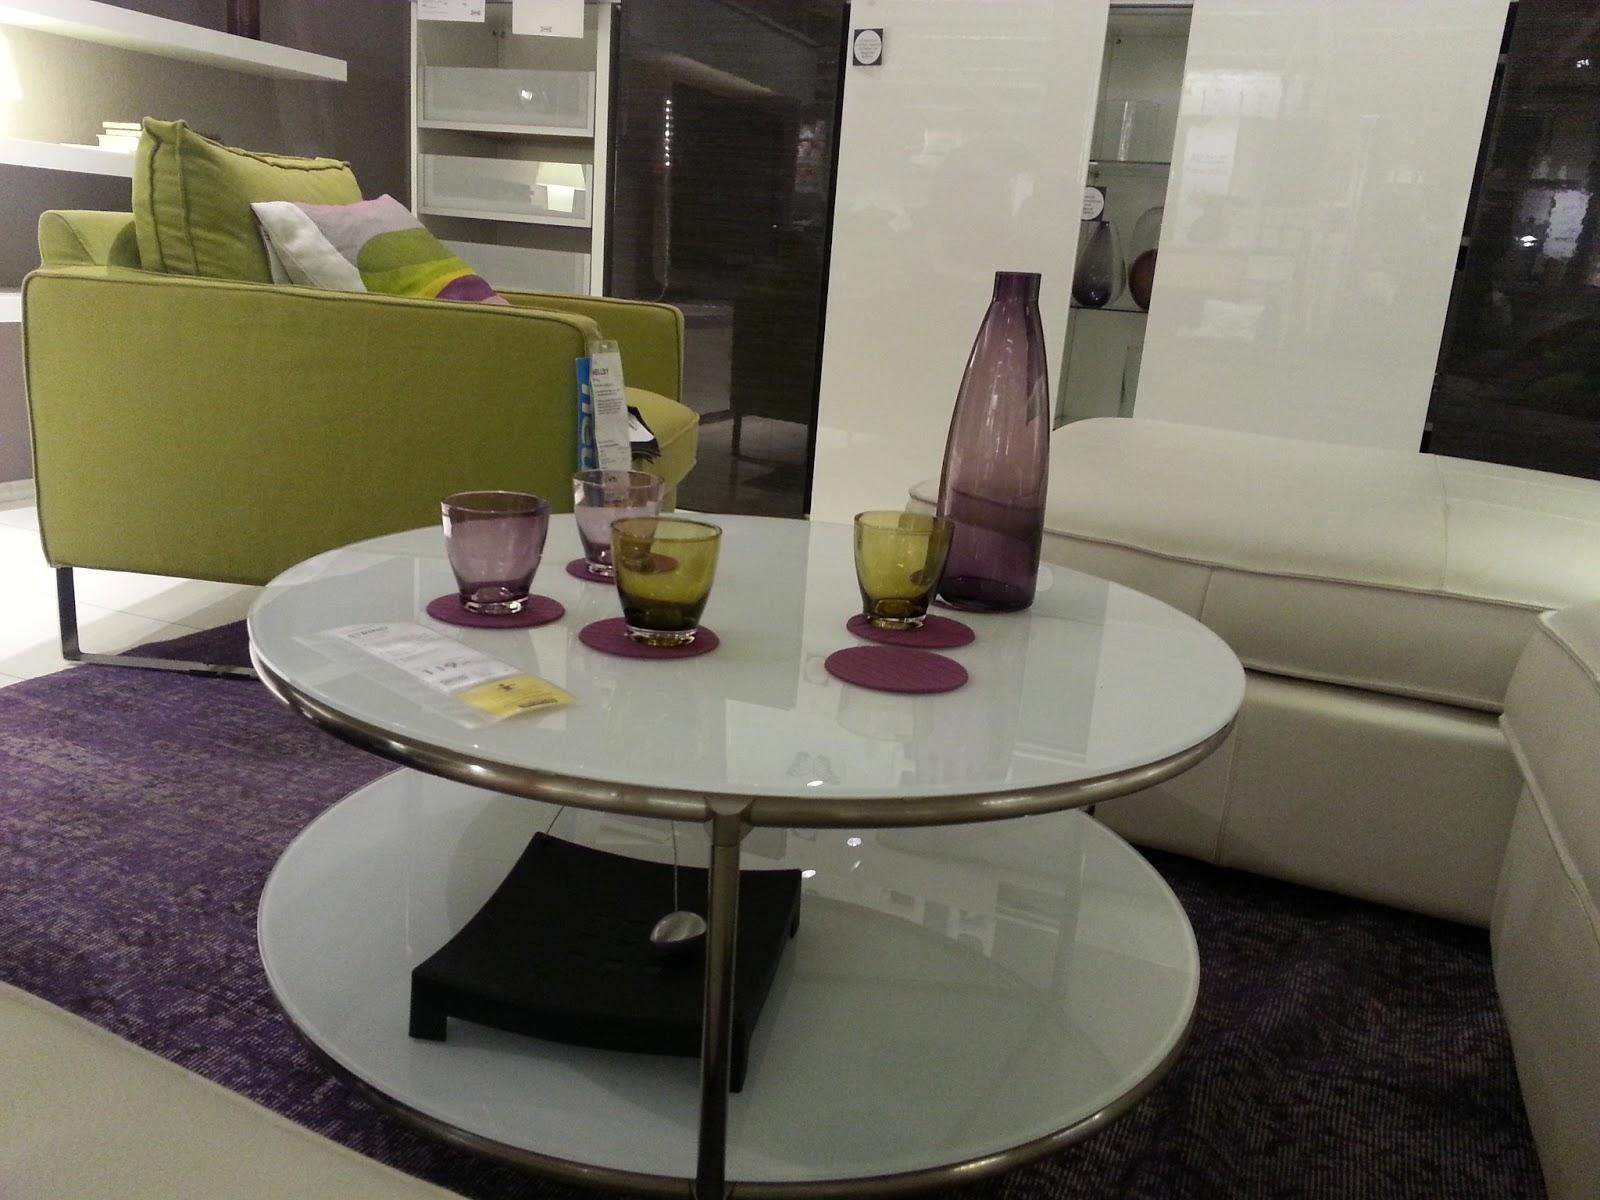 schwedische einrichtung elegant seit jahren stellt das schwedische englesson mbel her die fr. Black Bedroom Furniture Sets. Home Design Ideas